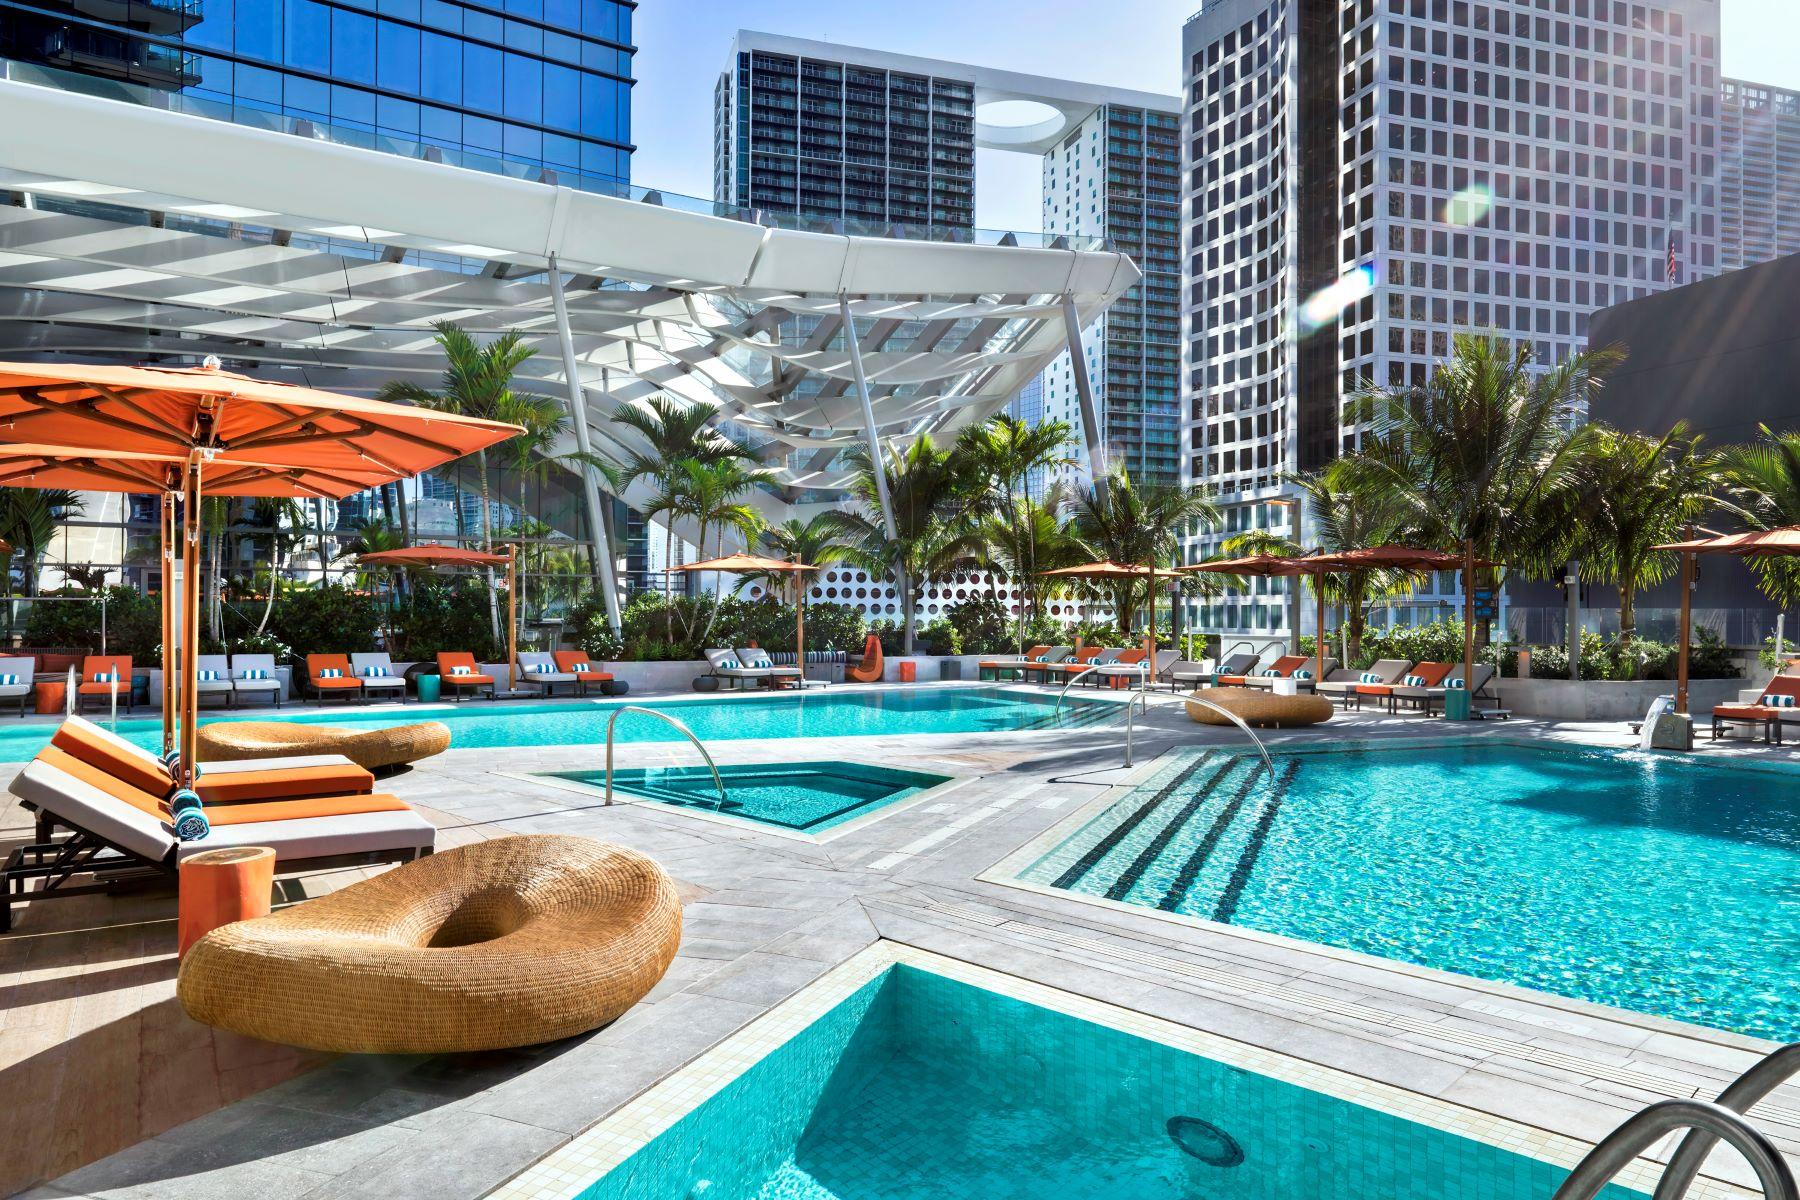 شقة بعمارة للـ Rent في 788 Brickell Plaza #1102 788 Brickell Plaza 1102 Miami, Florida 33131 United States